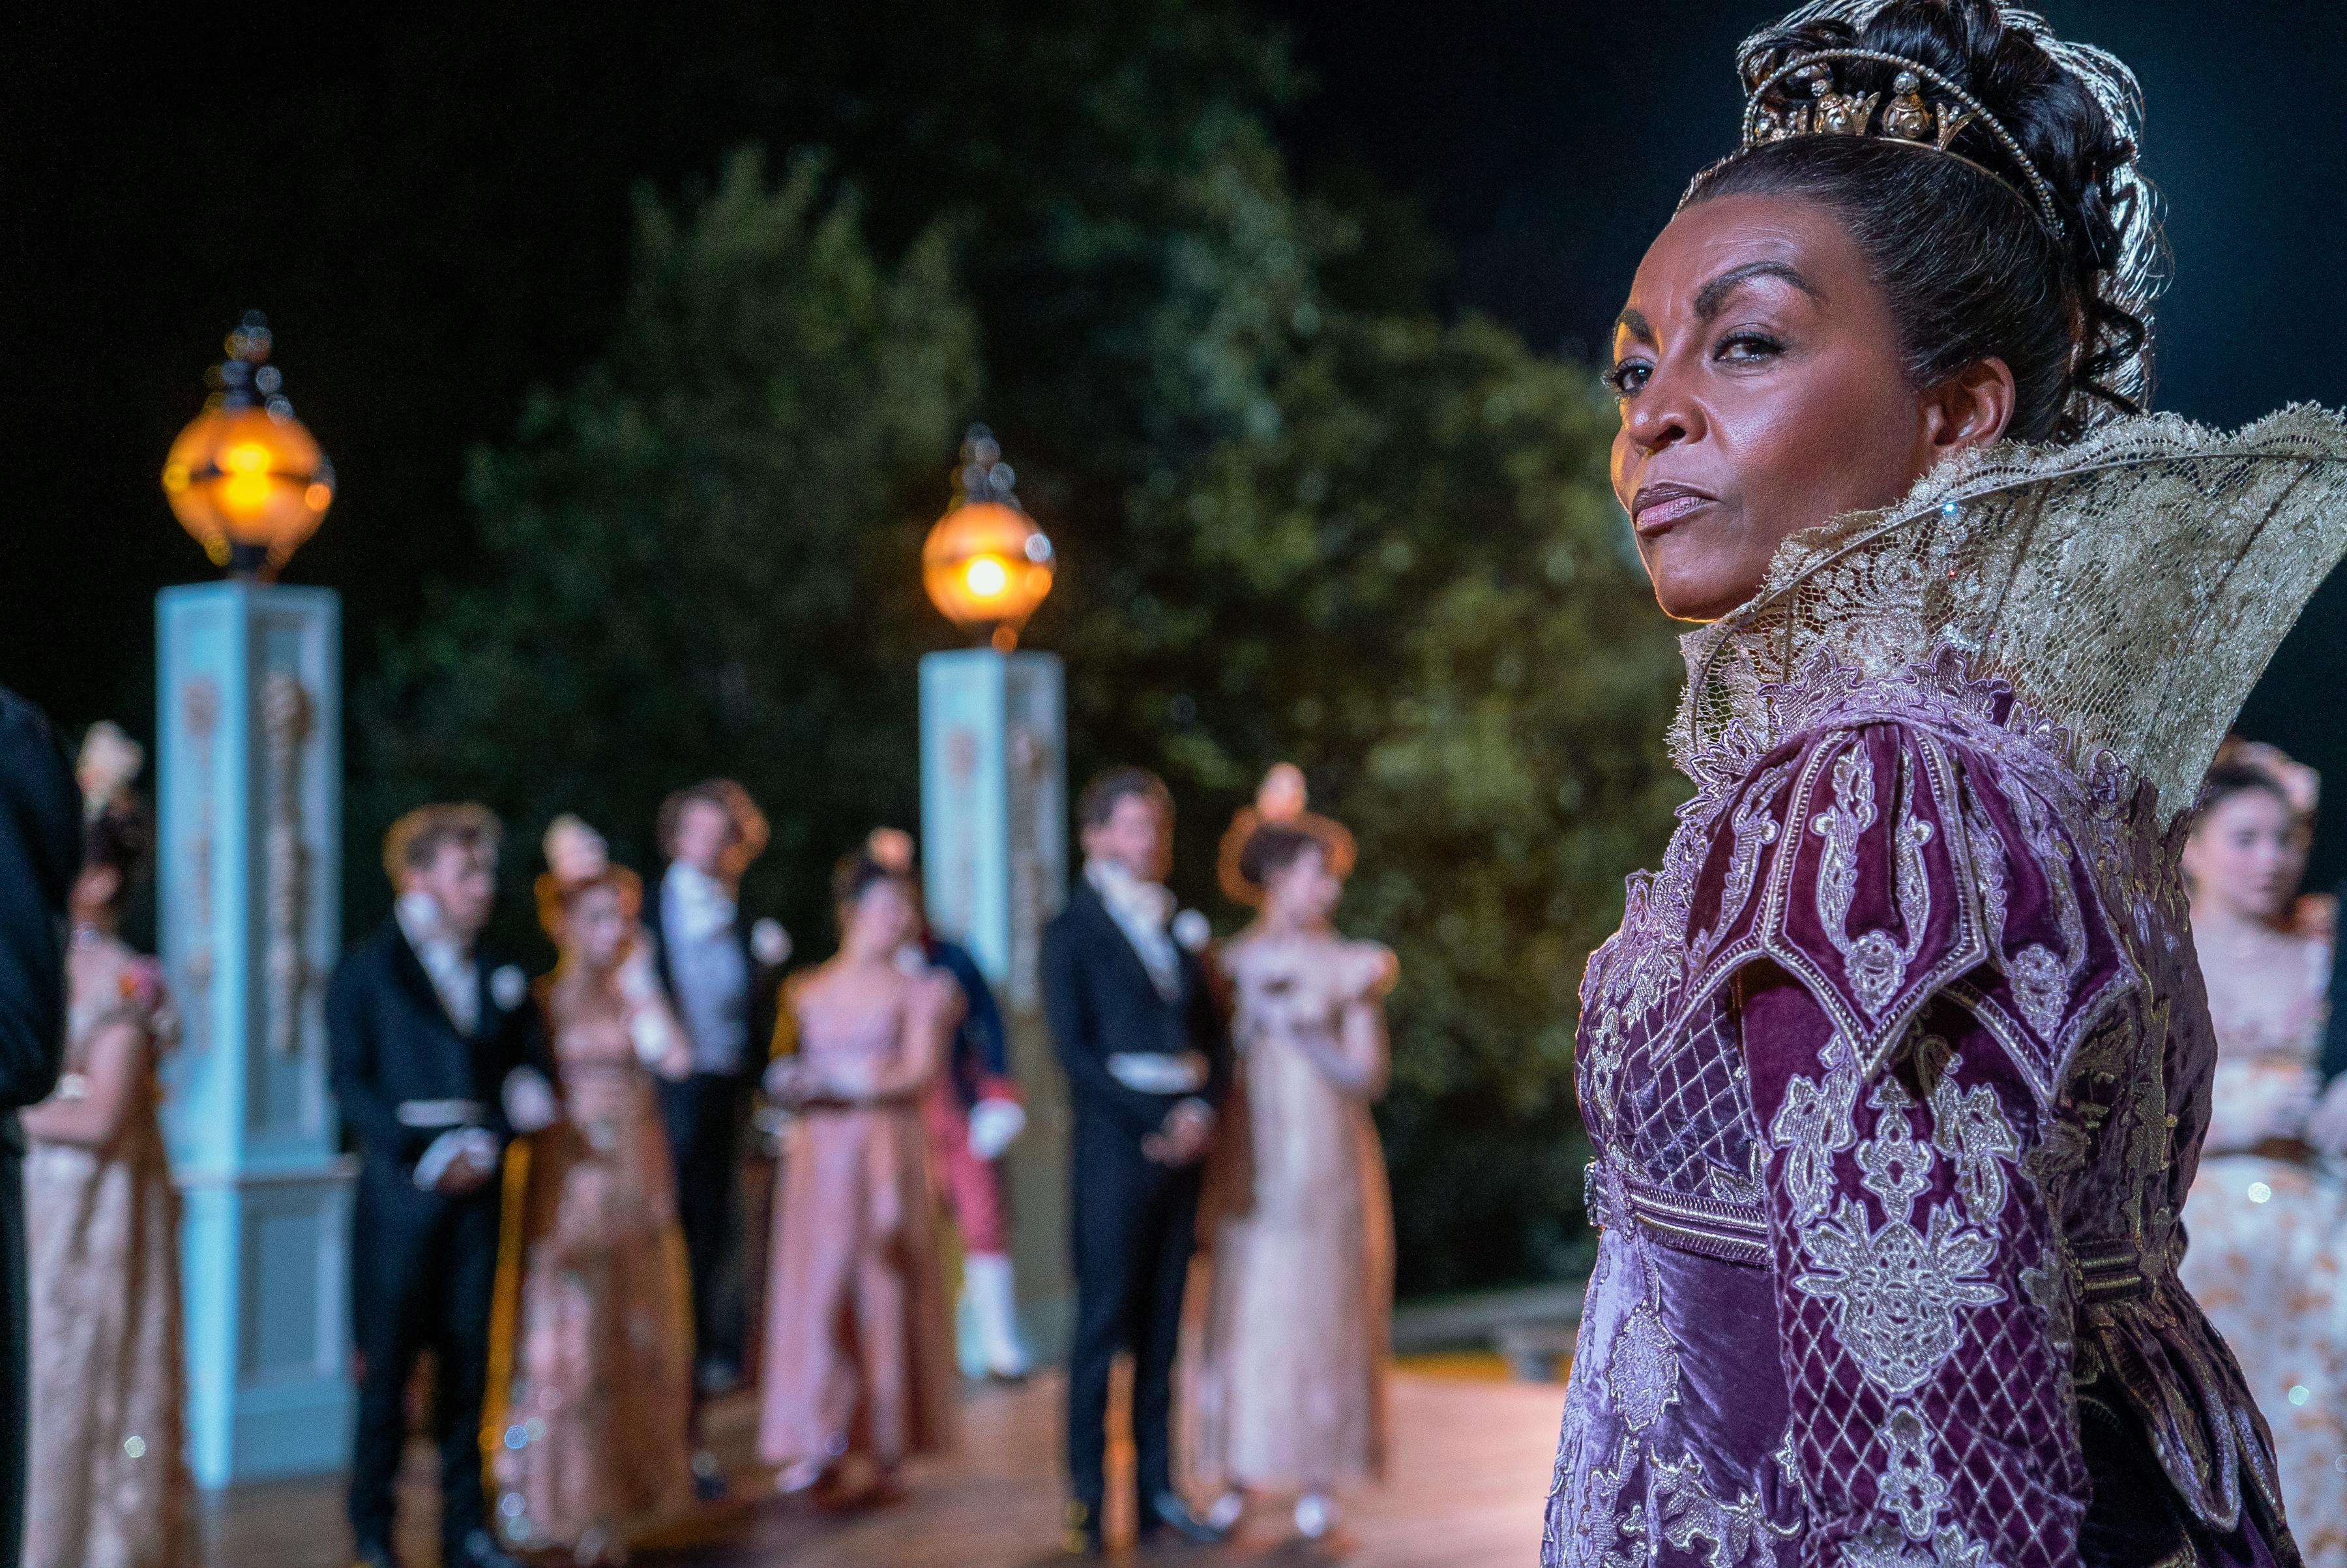 Adjoa Andoh in 'Bridgerton'